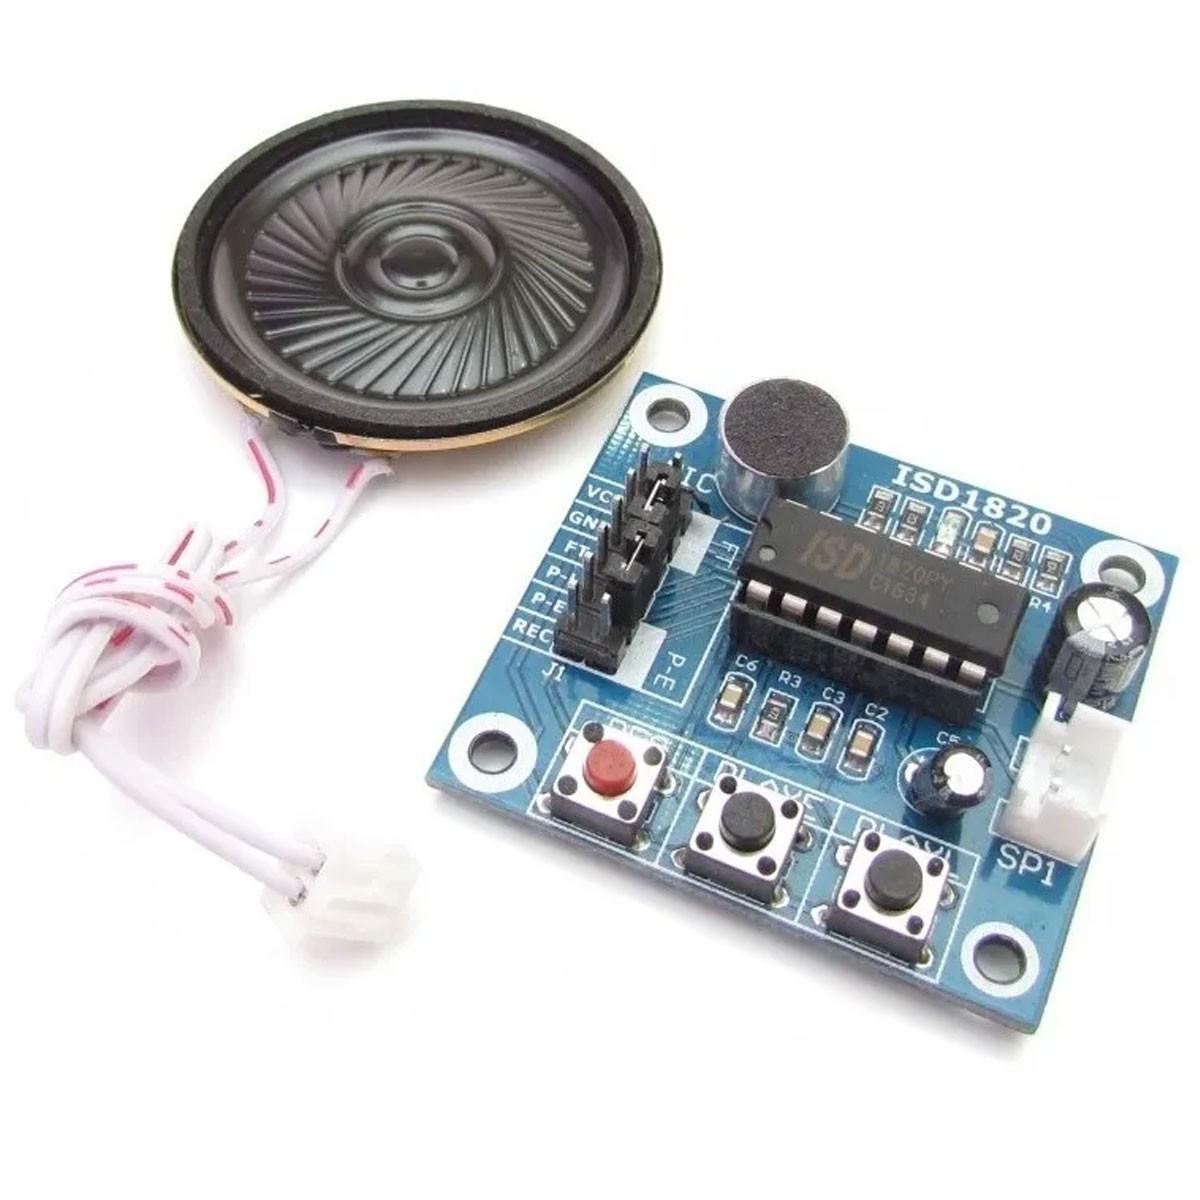 Módulo Gravador de Voz com Player e Alto-falante Isd1820